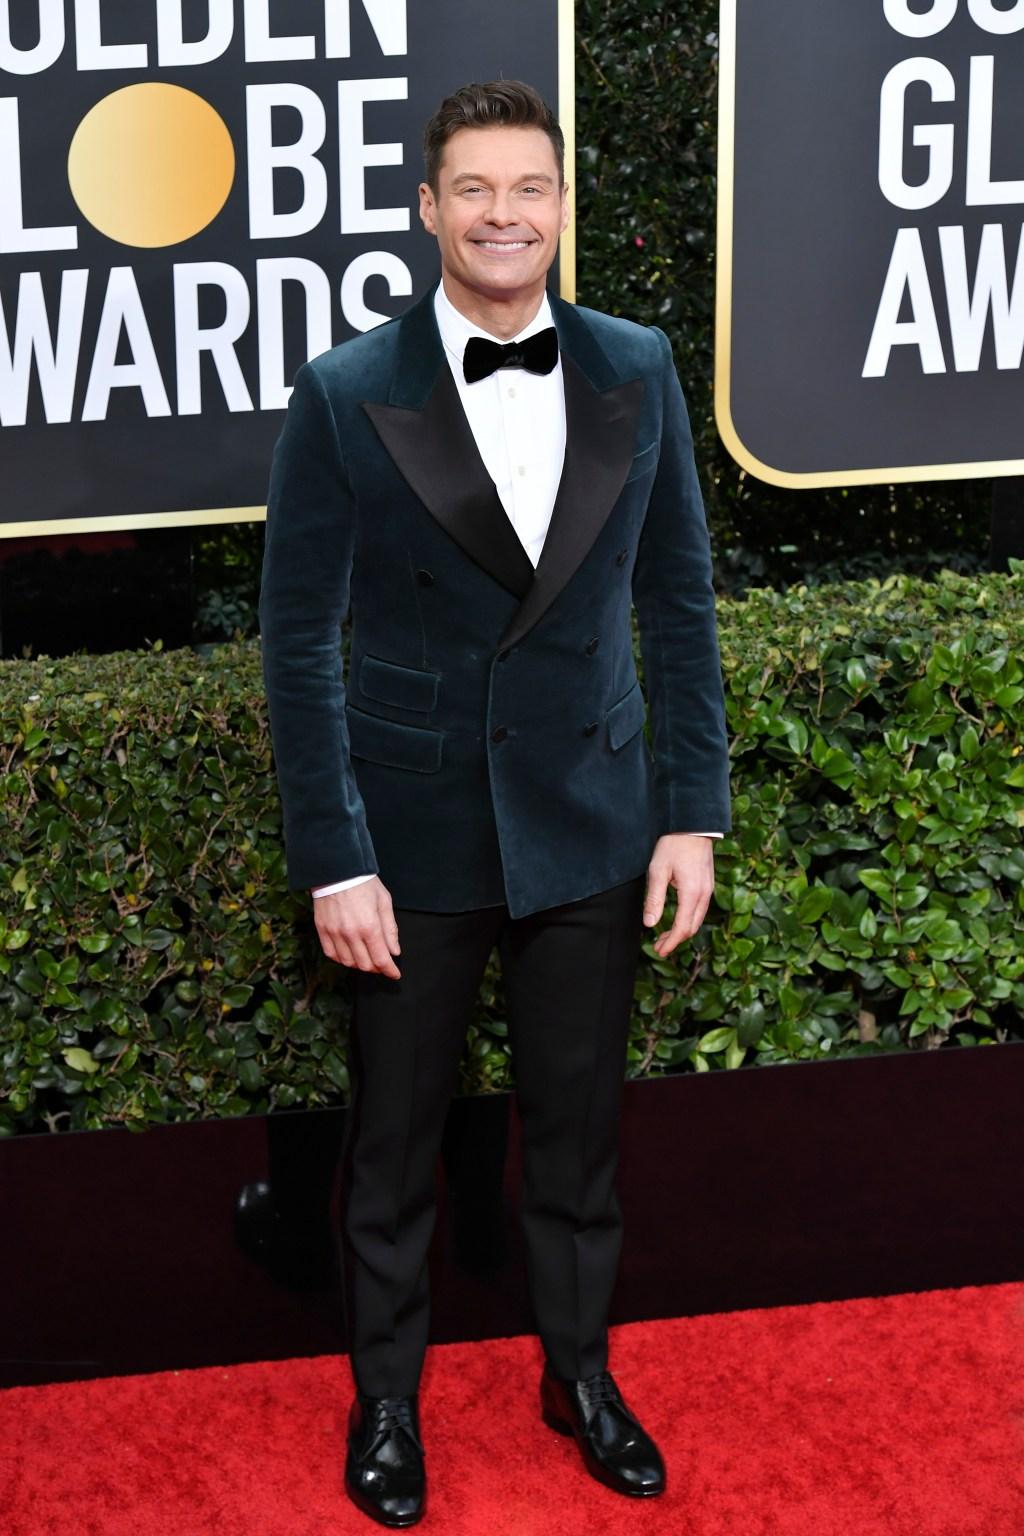 Ryan Seacrest, Golden Globes